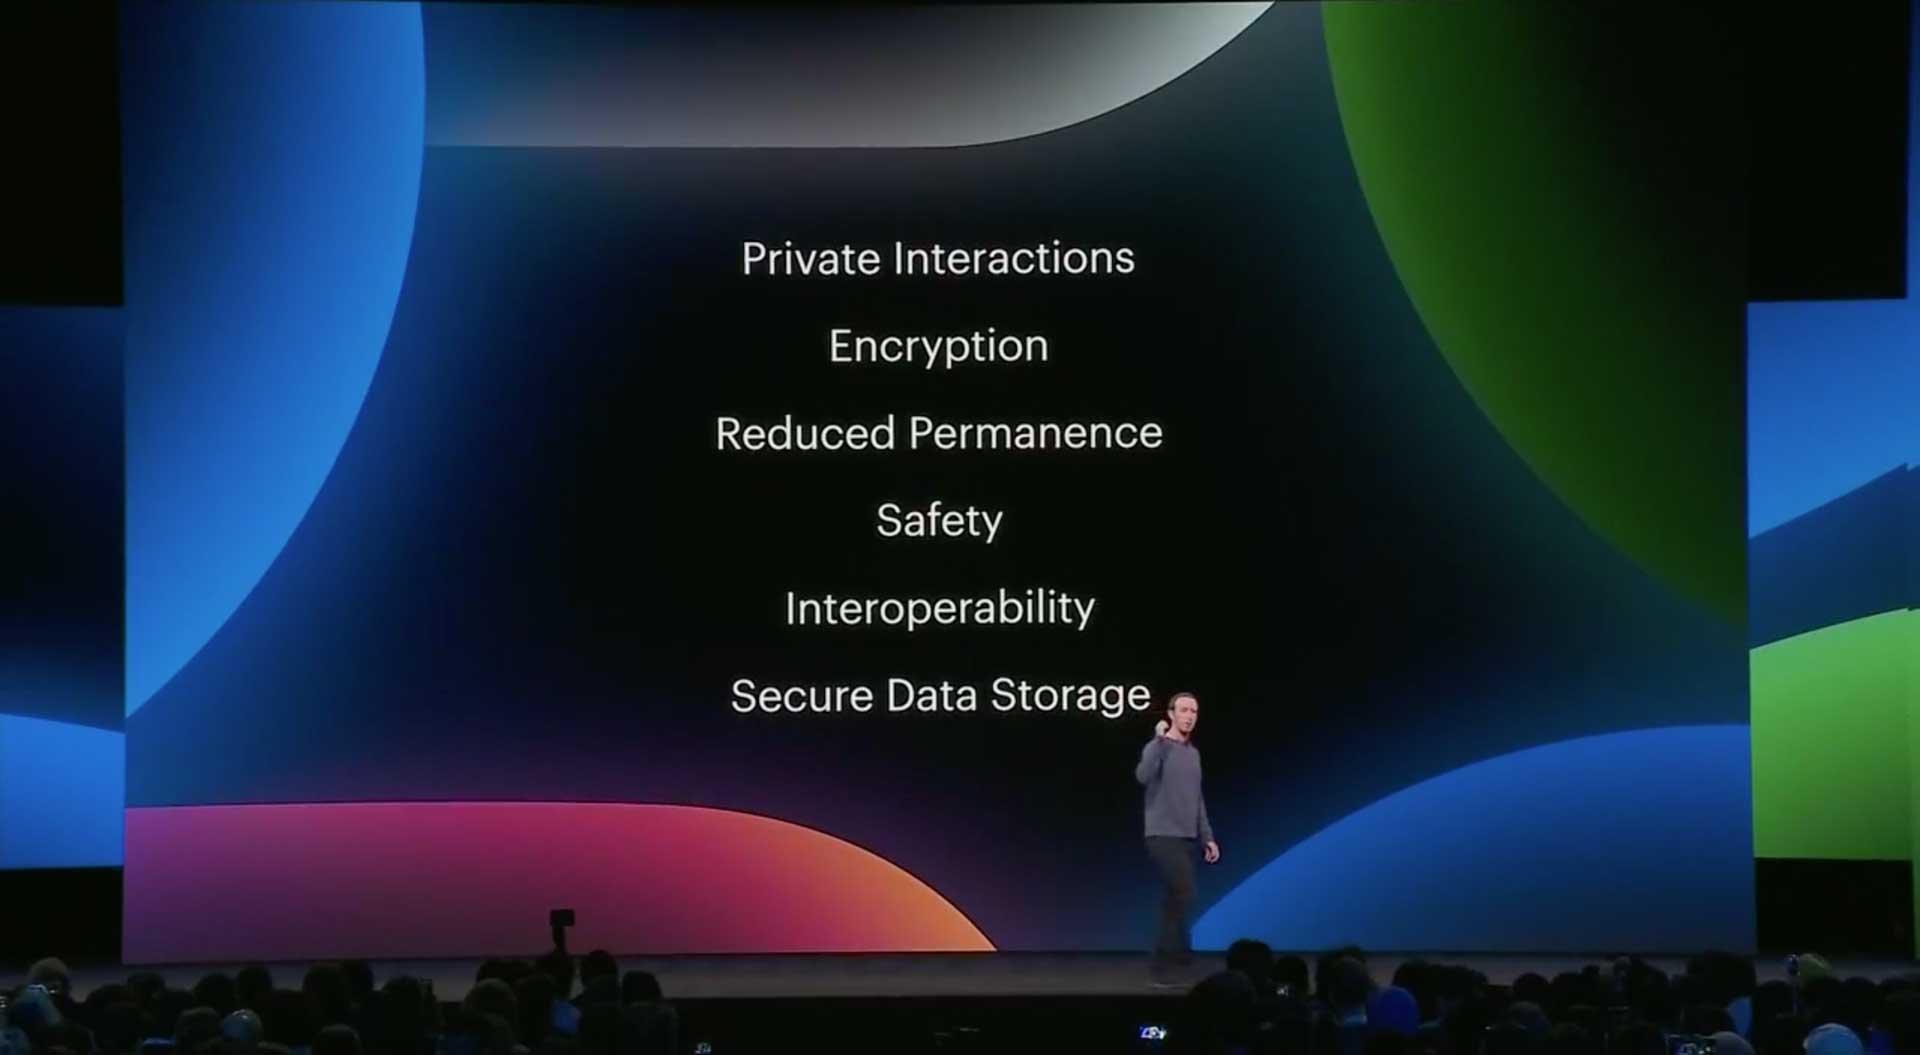 F82019 Privacy